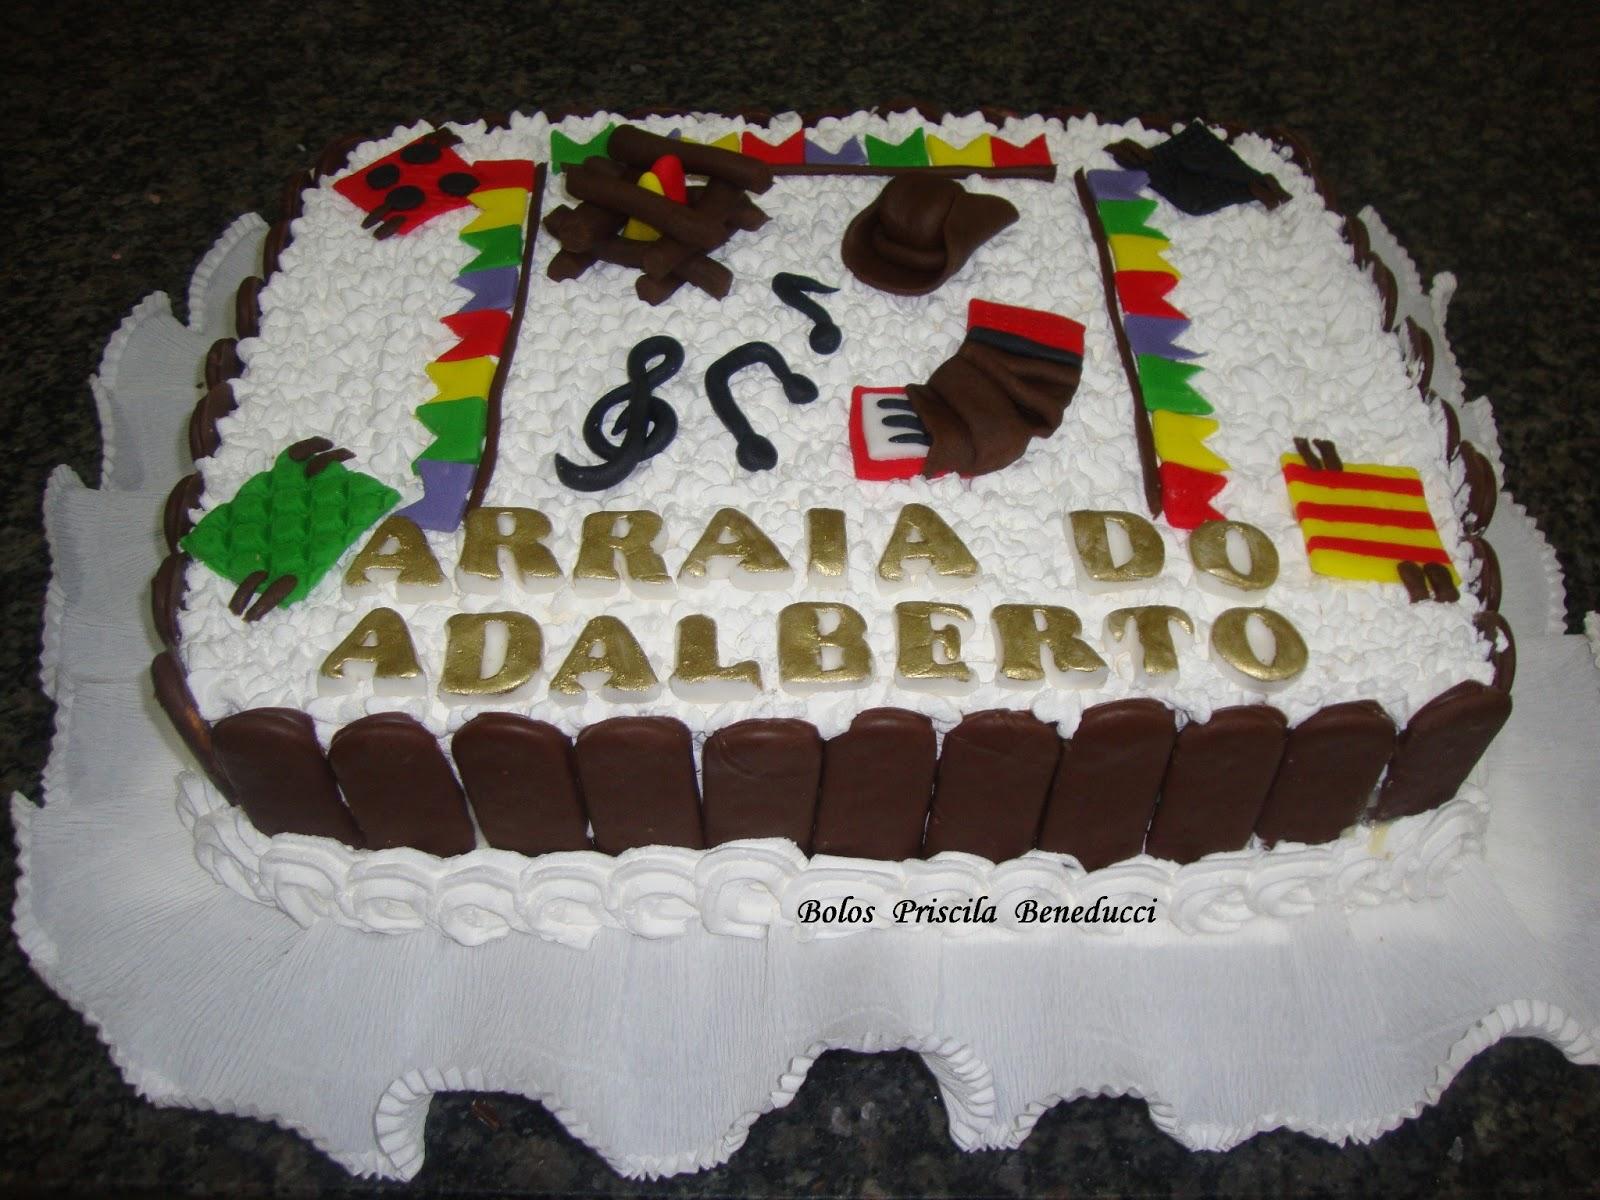 BOLO FESTA JUNINA DO ADALBERTO